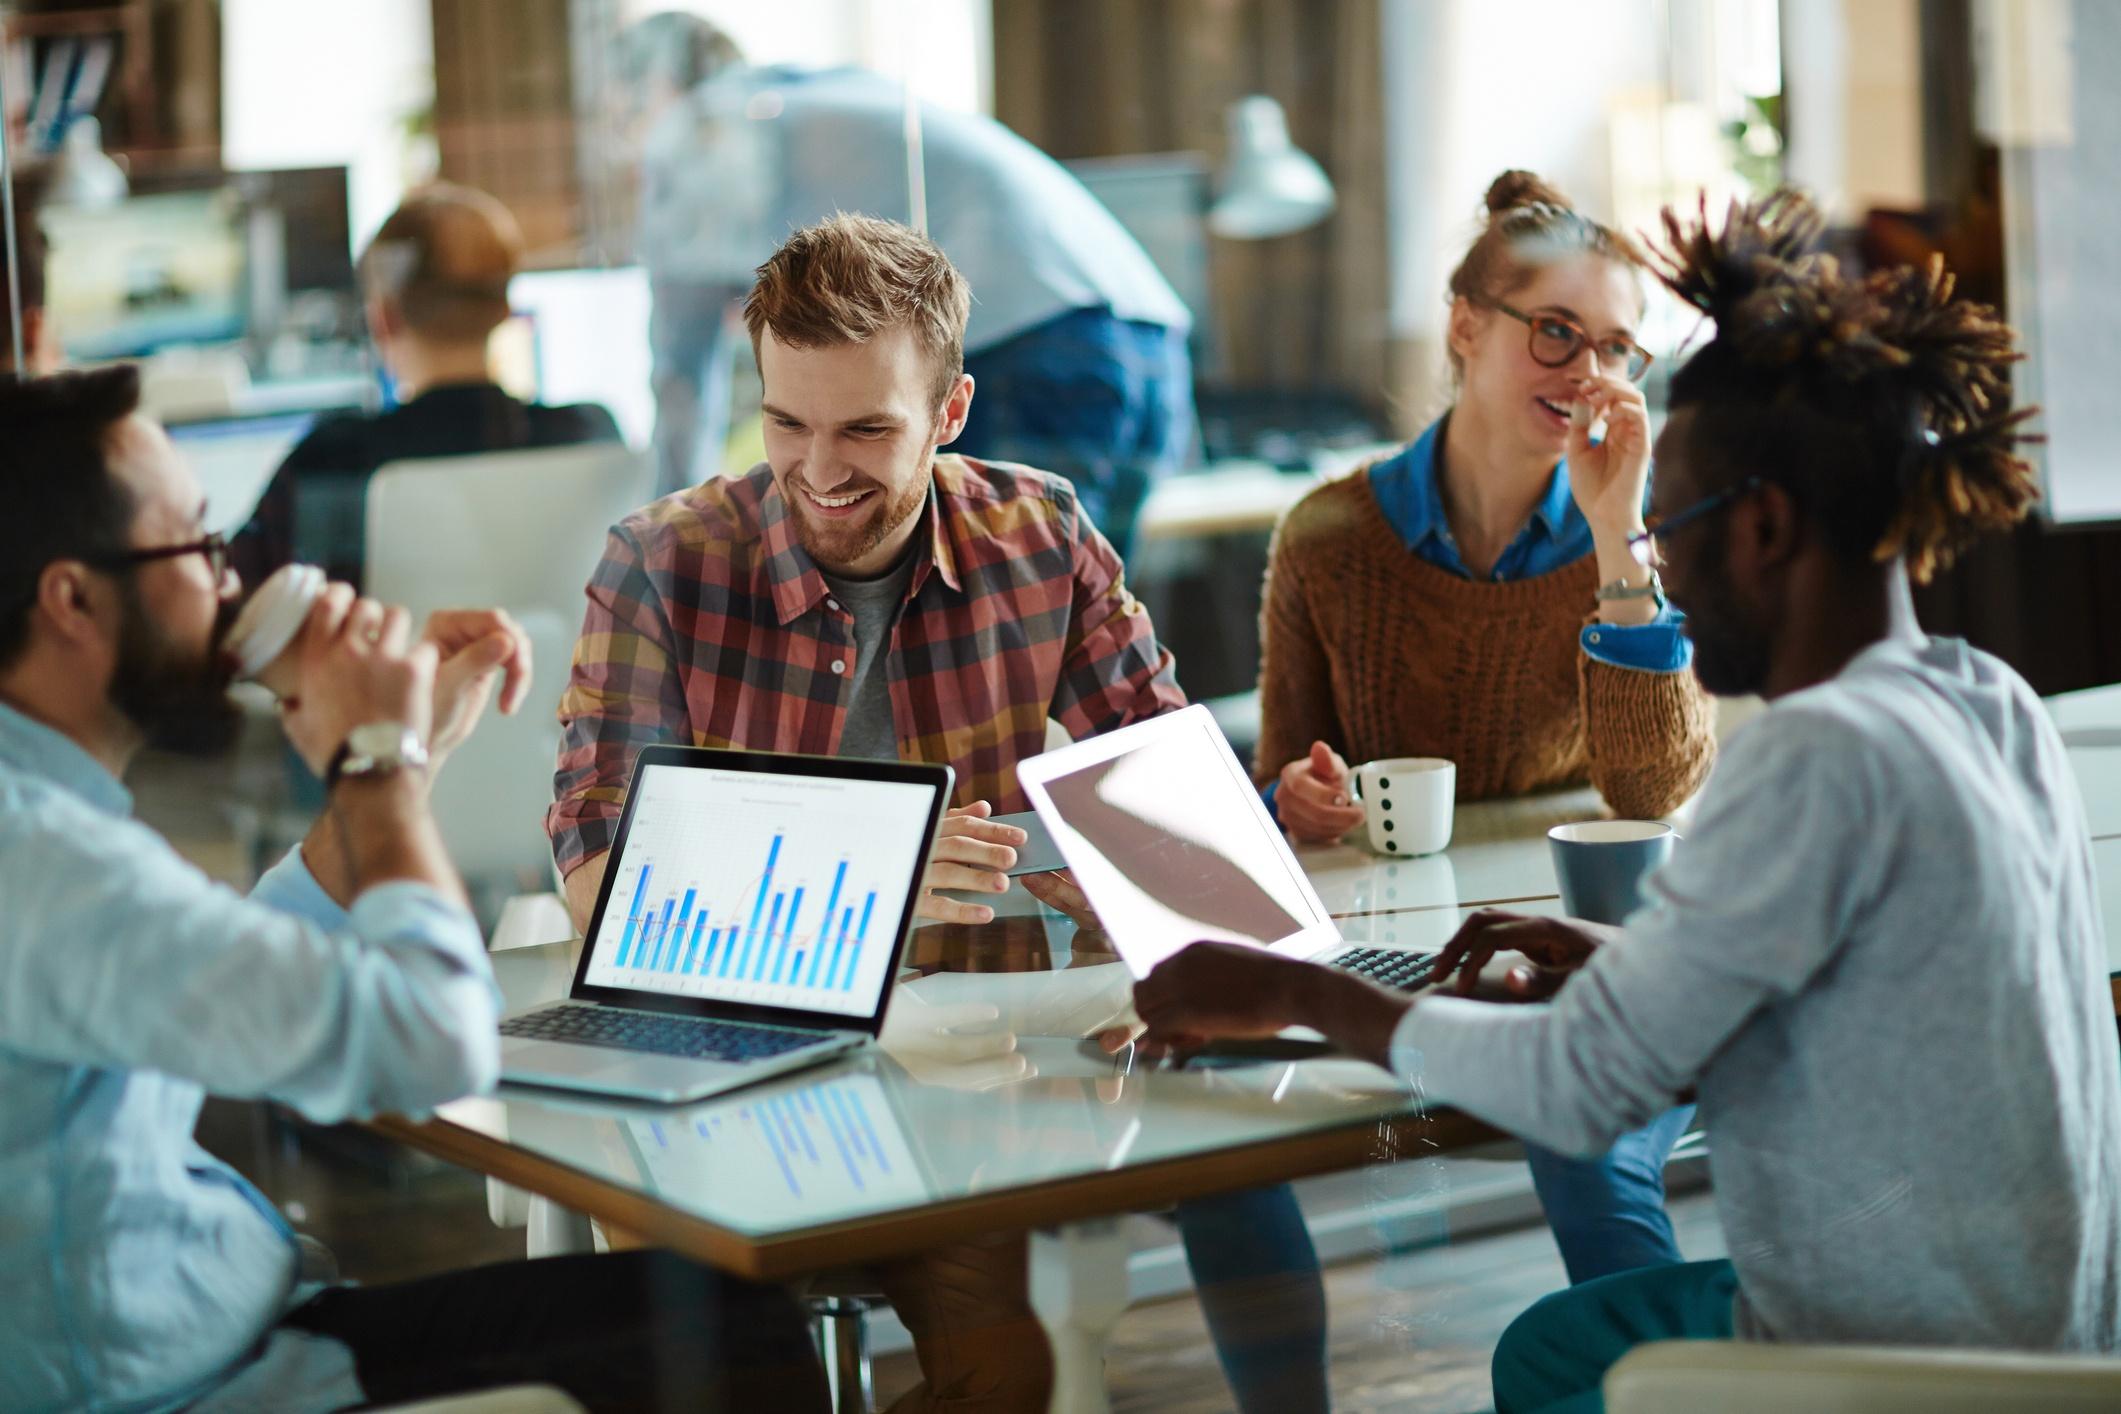 Se avecina un cambio radical para los consultores de ventas